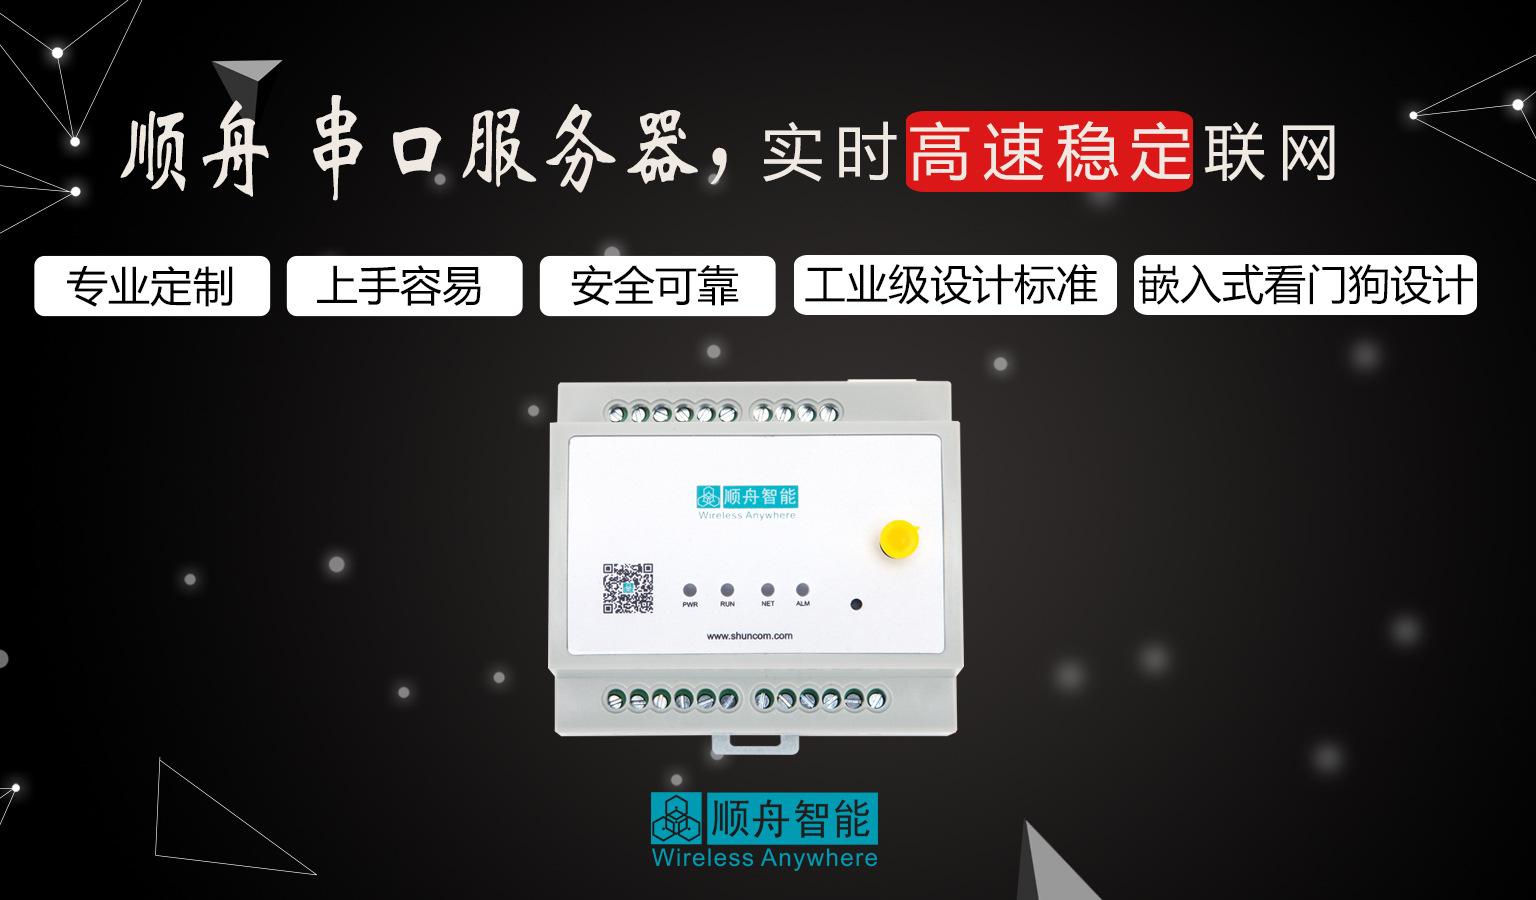 串口设备联网服务器 rs232/485串口转网口数据服务器 组网灵活示例图2